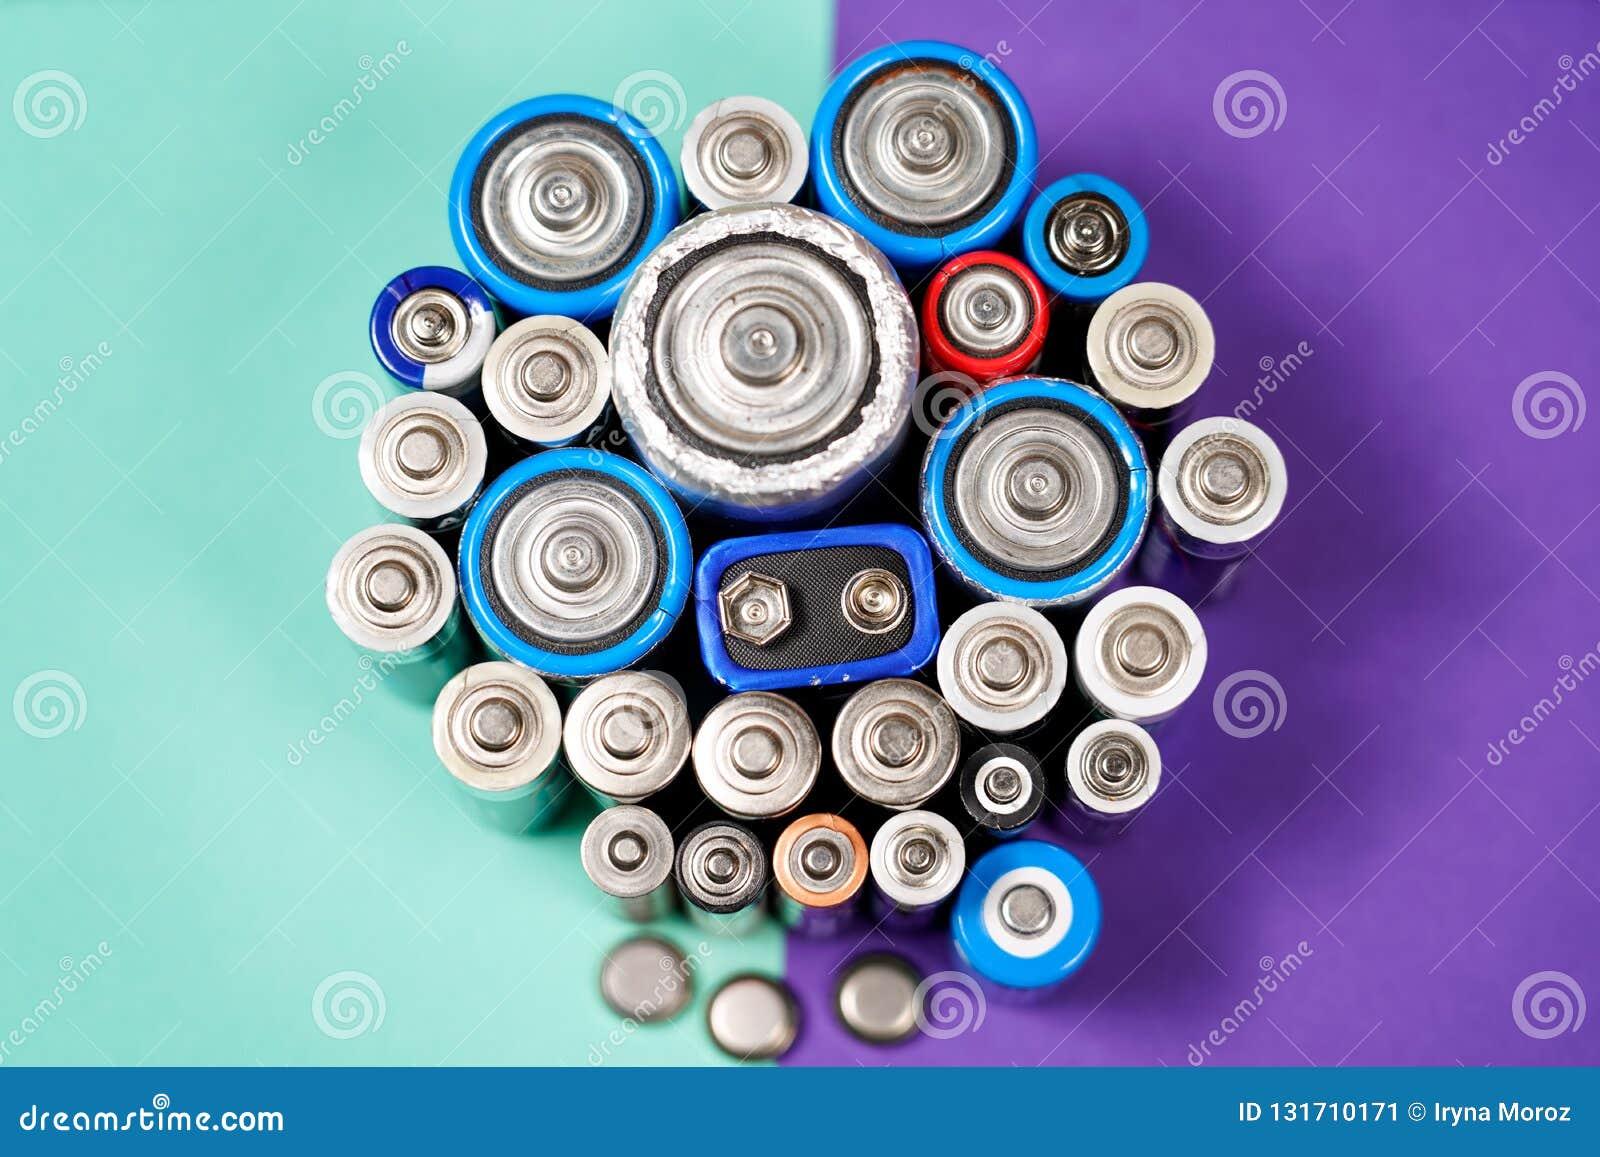 许多不同的类型使用的或新的电池,可再充电的累加器,在颜色背景的碱性电池